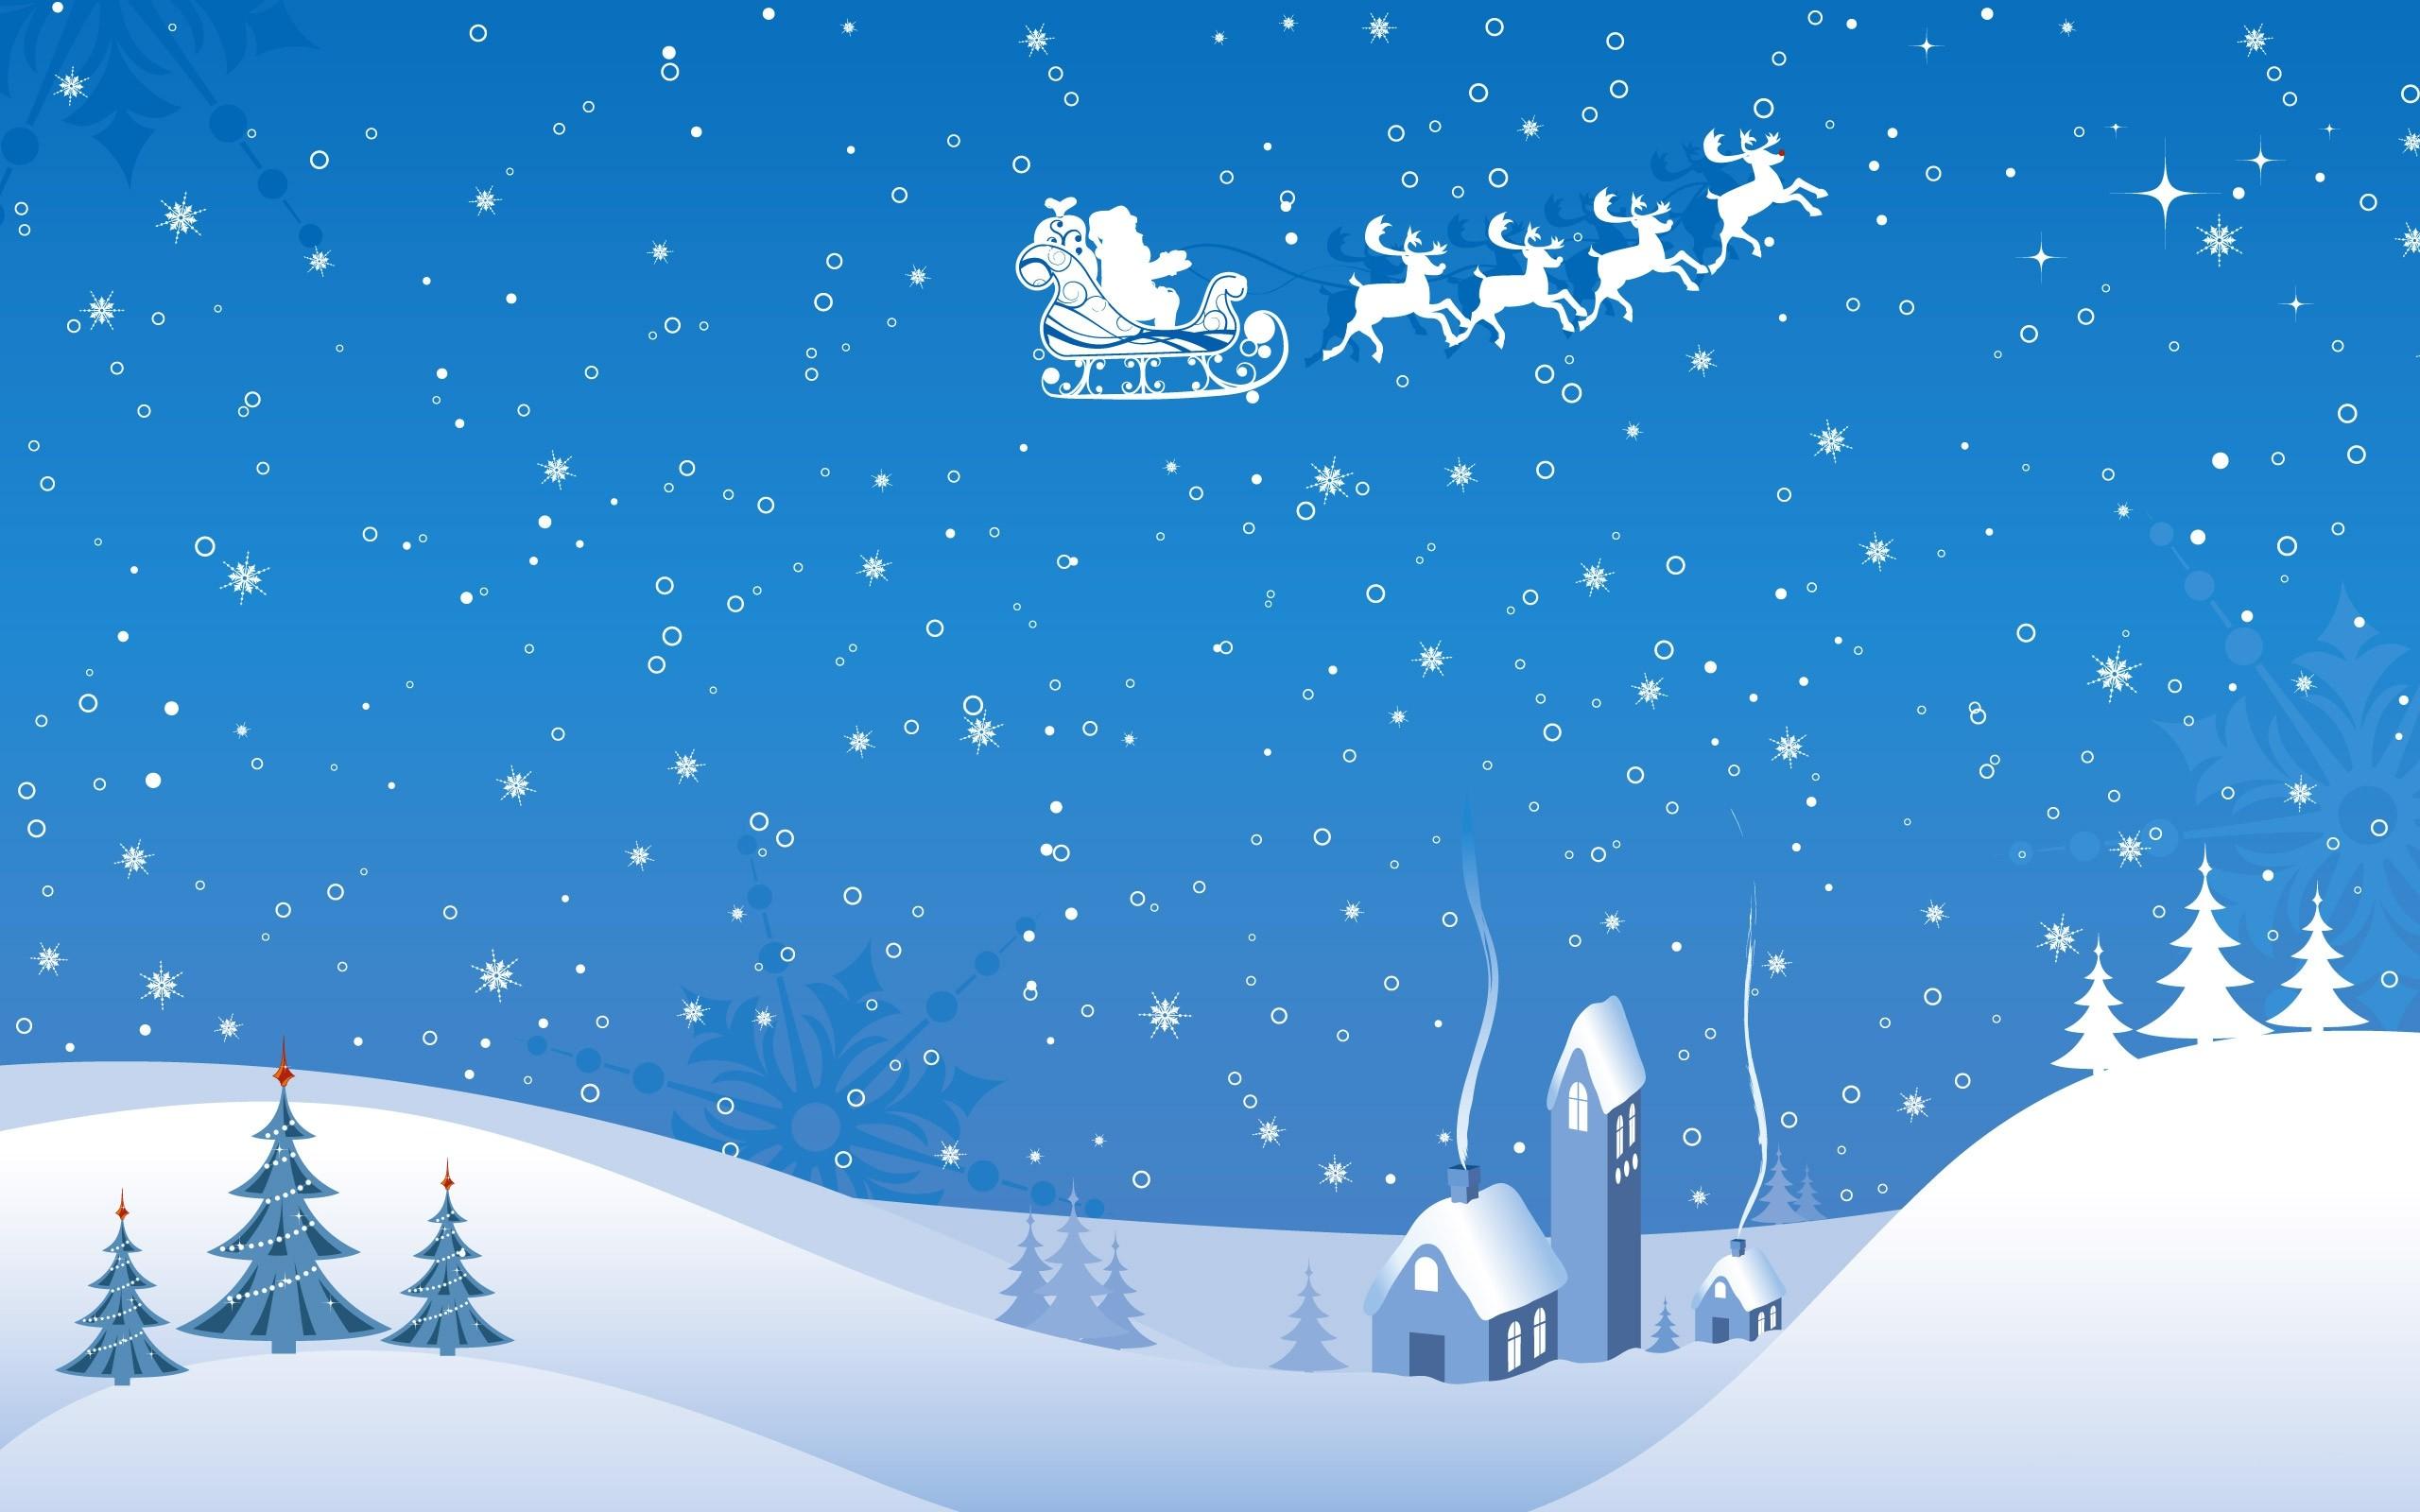 20 Winter Backgrounds 20 Top Winter Desktop Backgrounds